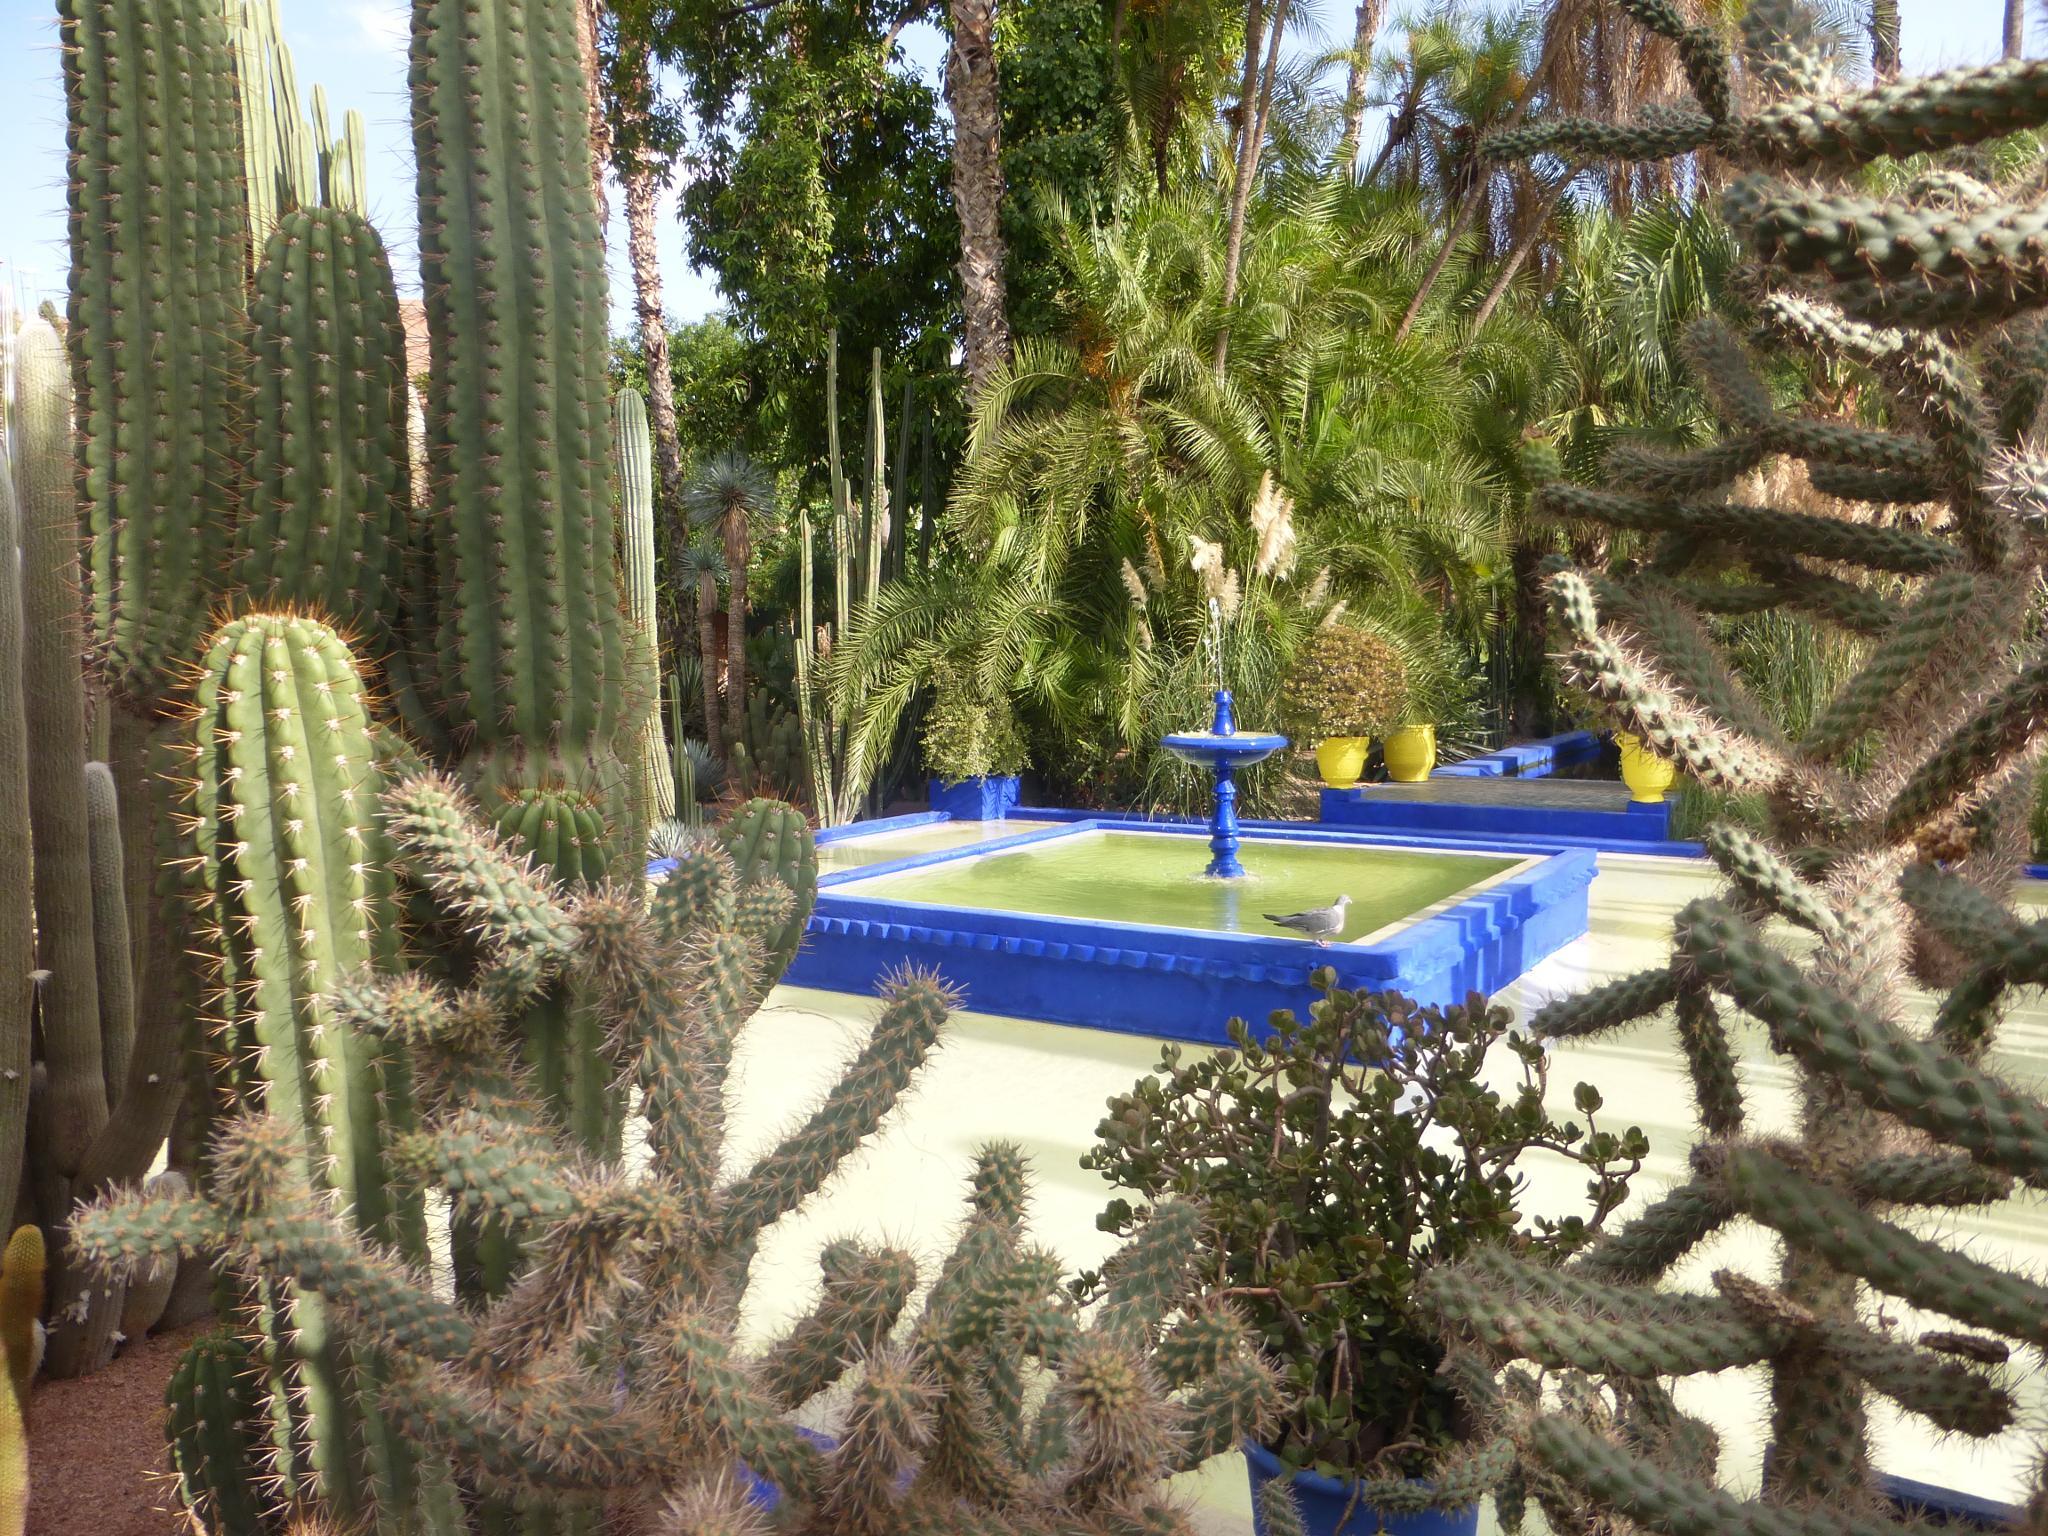 Jardin De Mojorelle by KSurelia